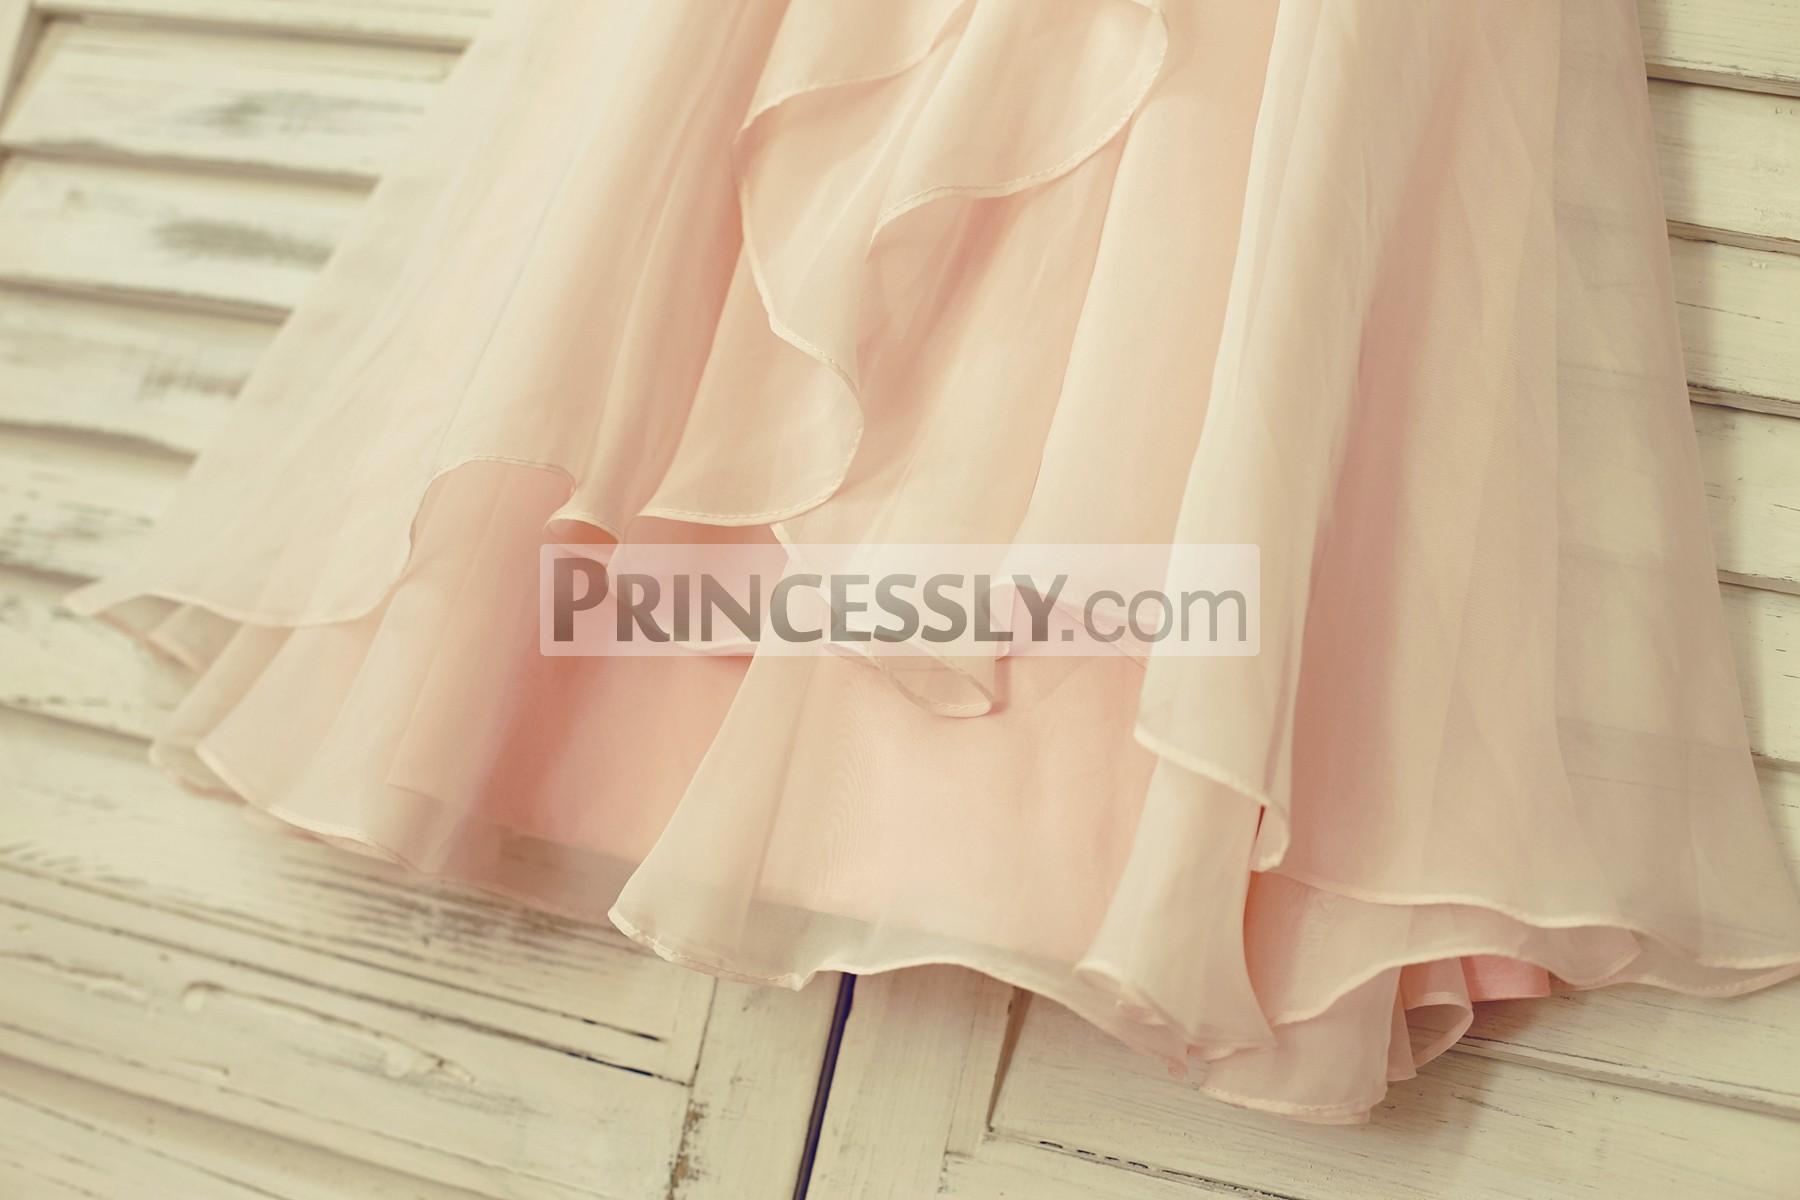 Overlay Skirt Ruffles Down for Blush Pink Skirt